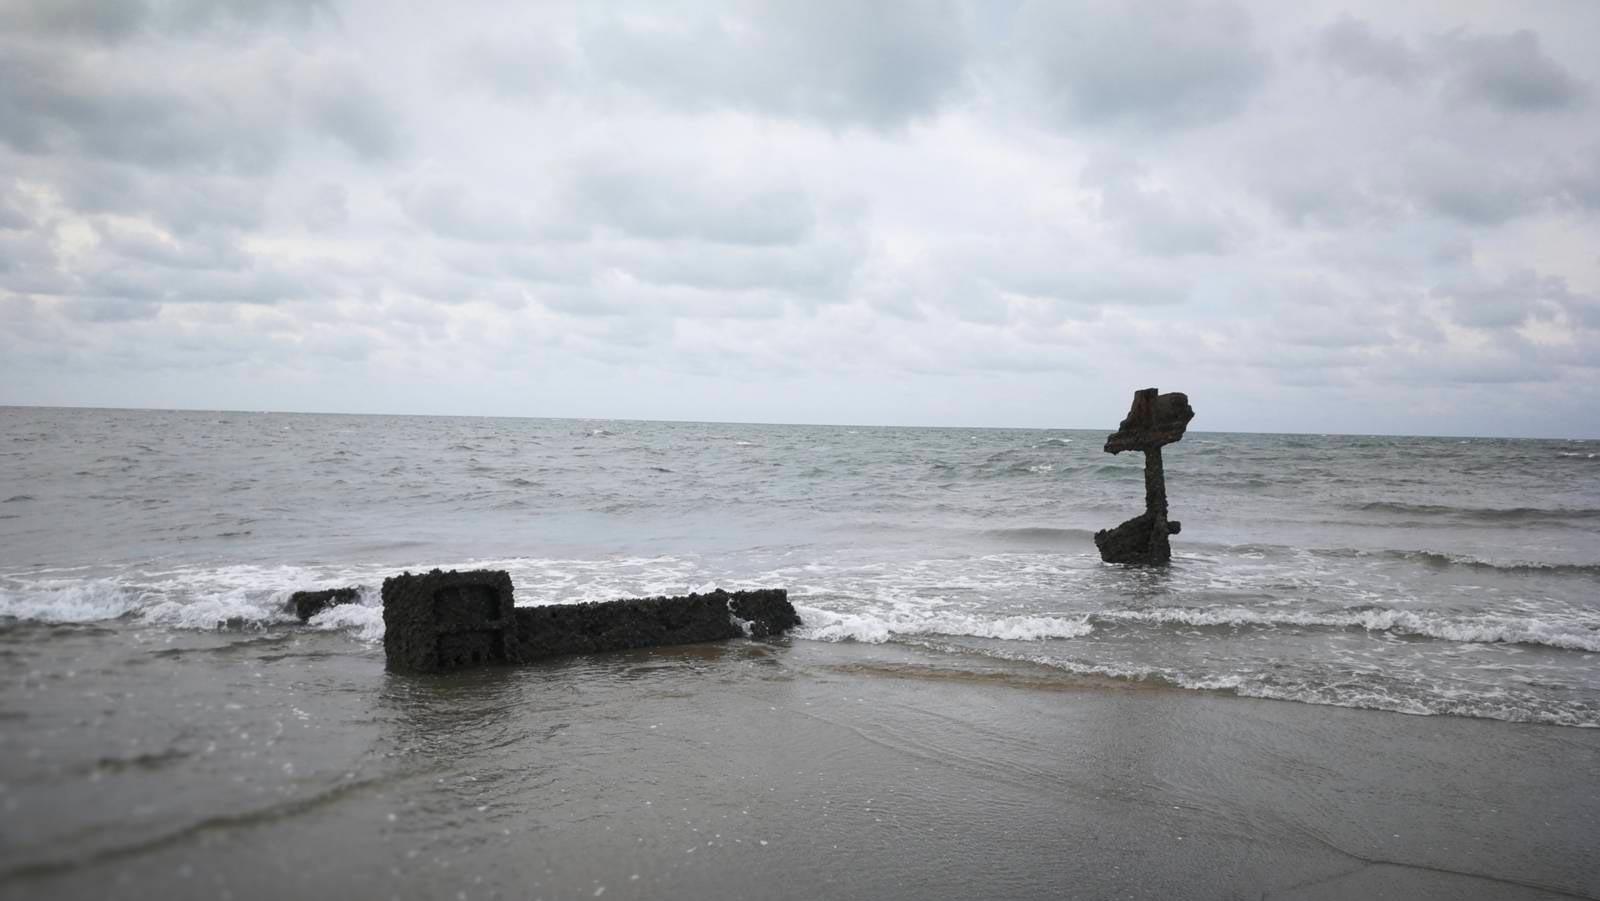 Brasile-piaui-barra-grande-shiprect-relitto-bassa-marea